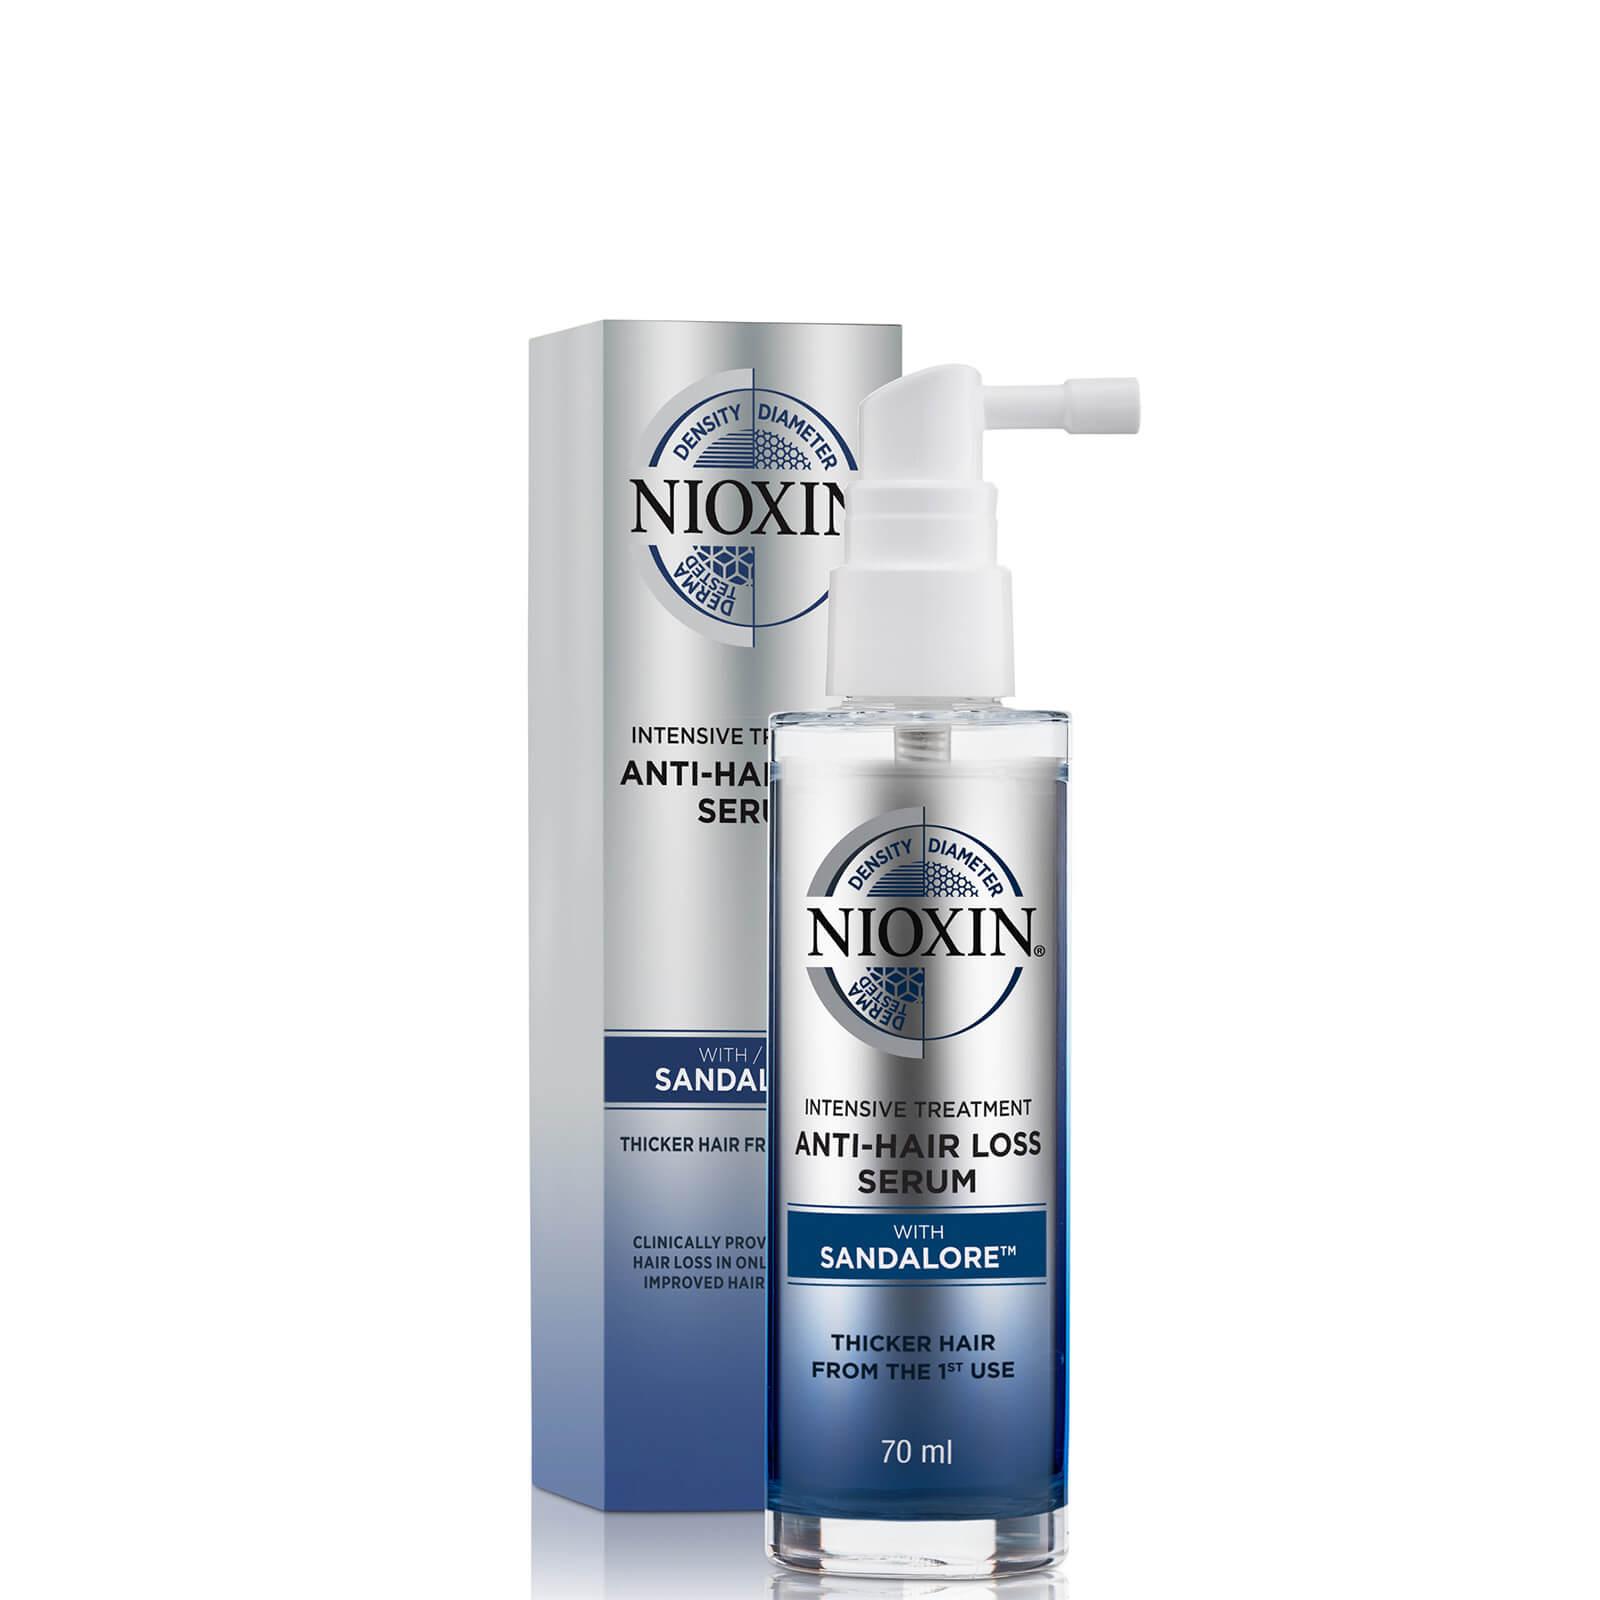 Nioxin Anti Hairloss Serum